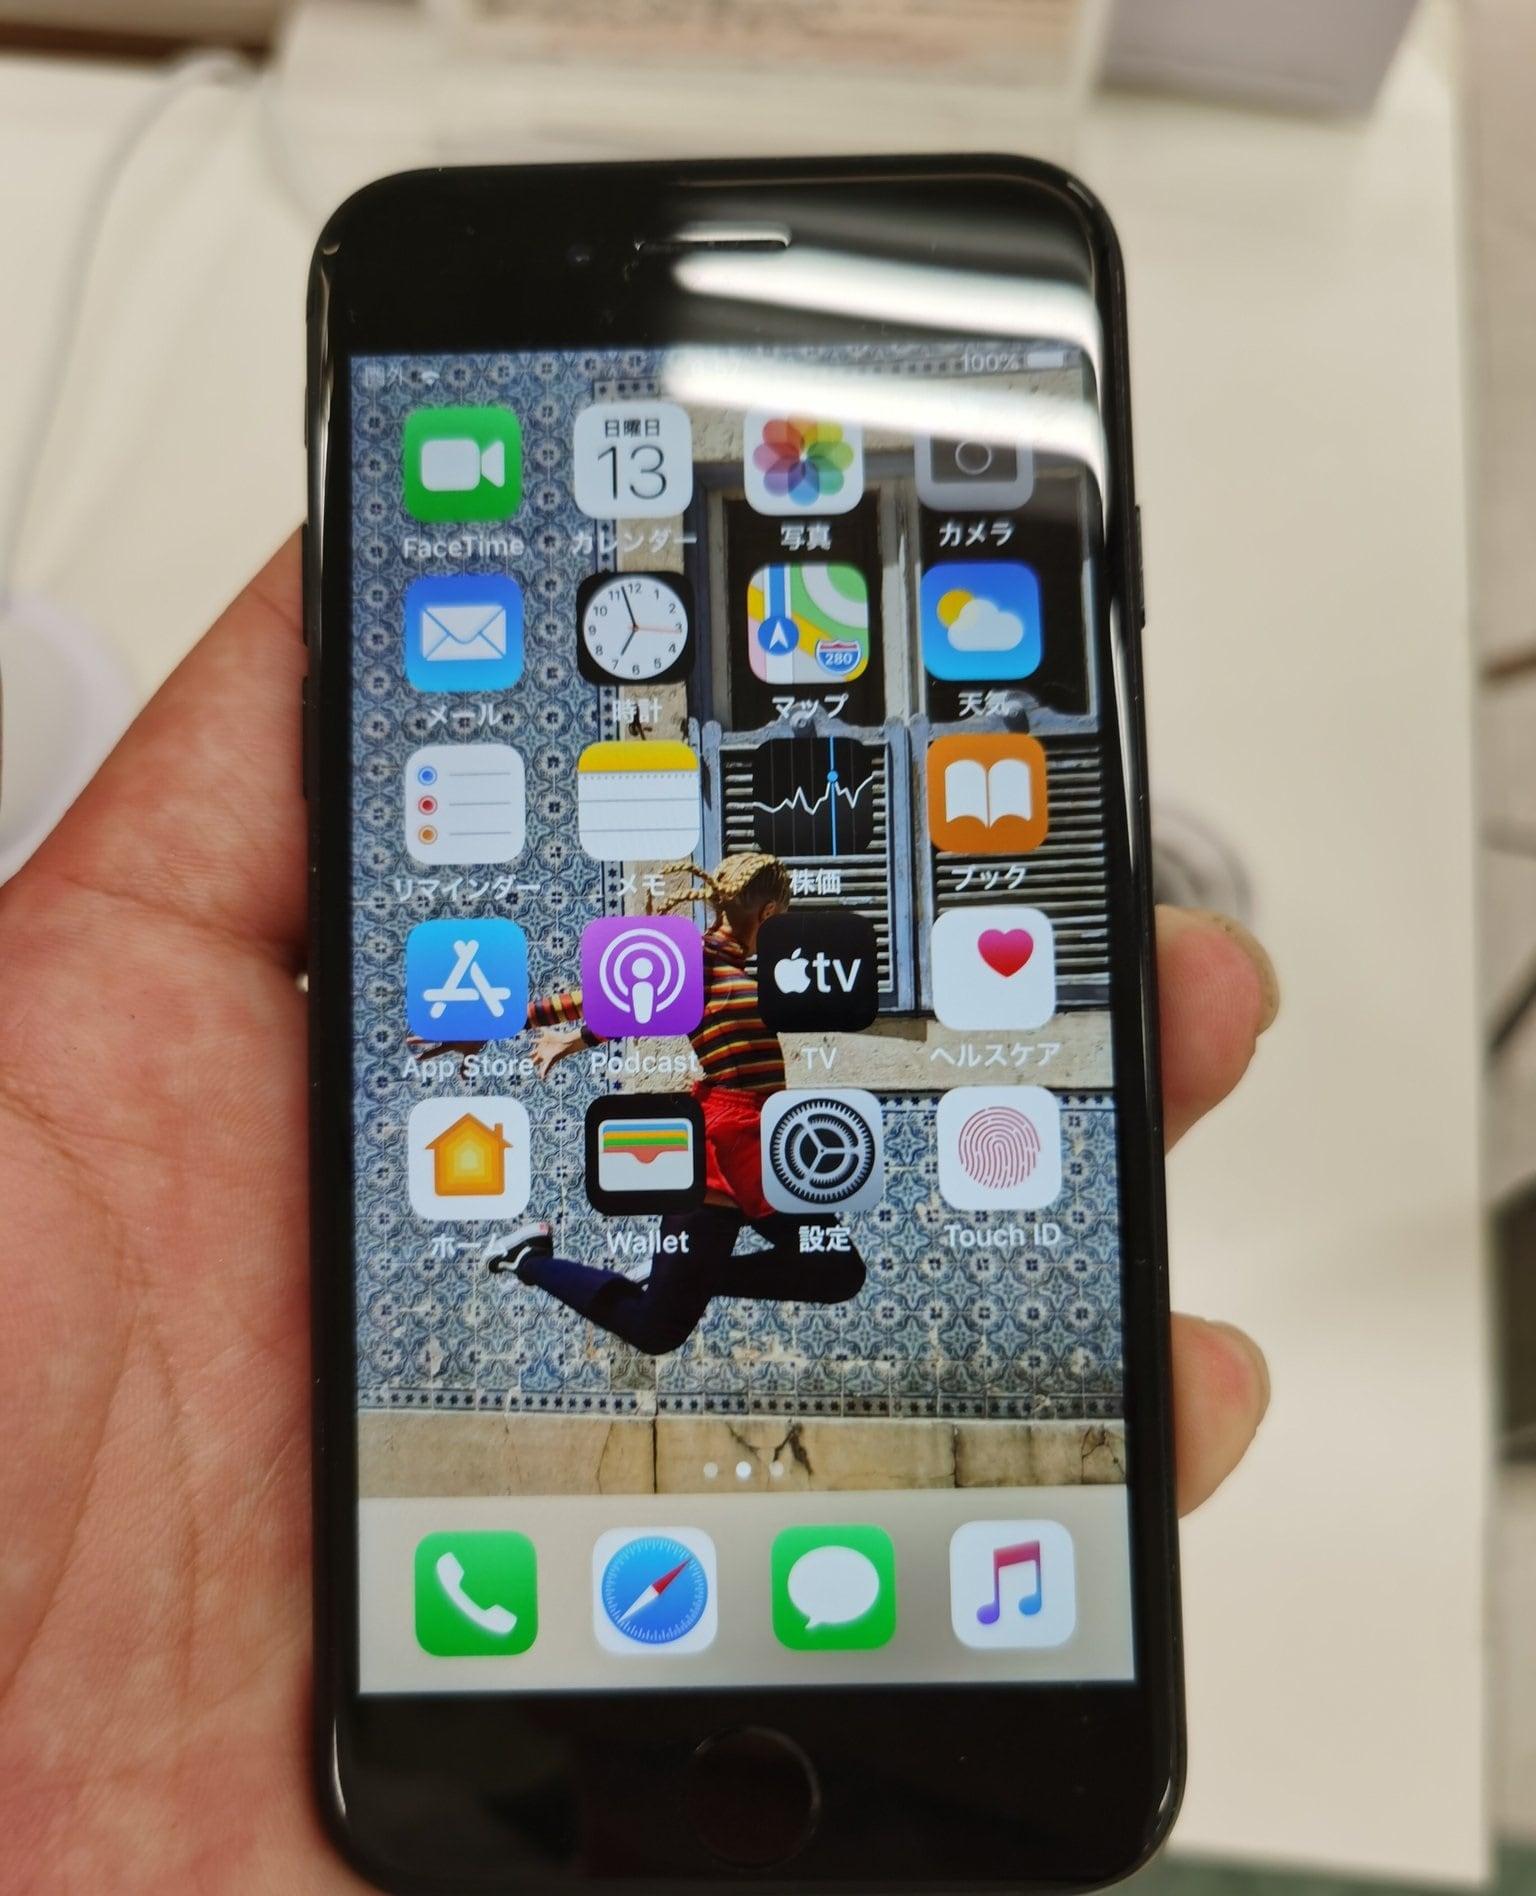 ಇನ್ನು, 124 ಜಿಬಿ IPhone SE 41,999 ರೂಪಾಯಿ (ಮೂಲ ಬೆಲೆ 47,800 ರೂಪಾಯಿ) ಹಾಗೂ 256 ಜಿಬಿ ಸ್ಟೋರೆಜ್ನ IPhone SE 51,999 (ಮೂಲ ಬೆಲೆ 58,300 ರೂಪಾಯಿ)ಗೆ ಫ್ಲಿಪ್ ಕಾರ್ಟ್ ನಲ್ಲಿ ಲಭ್ಯವಿದೆ.